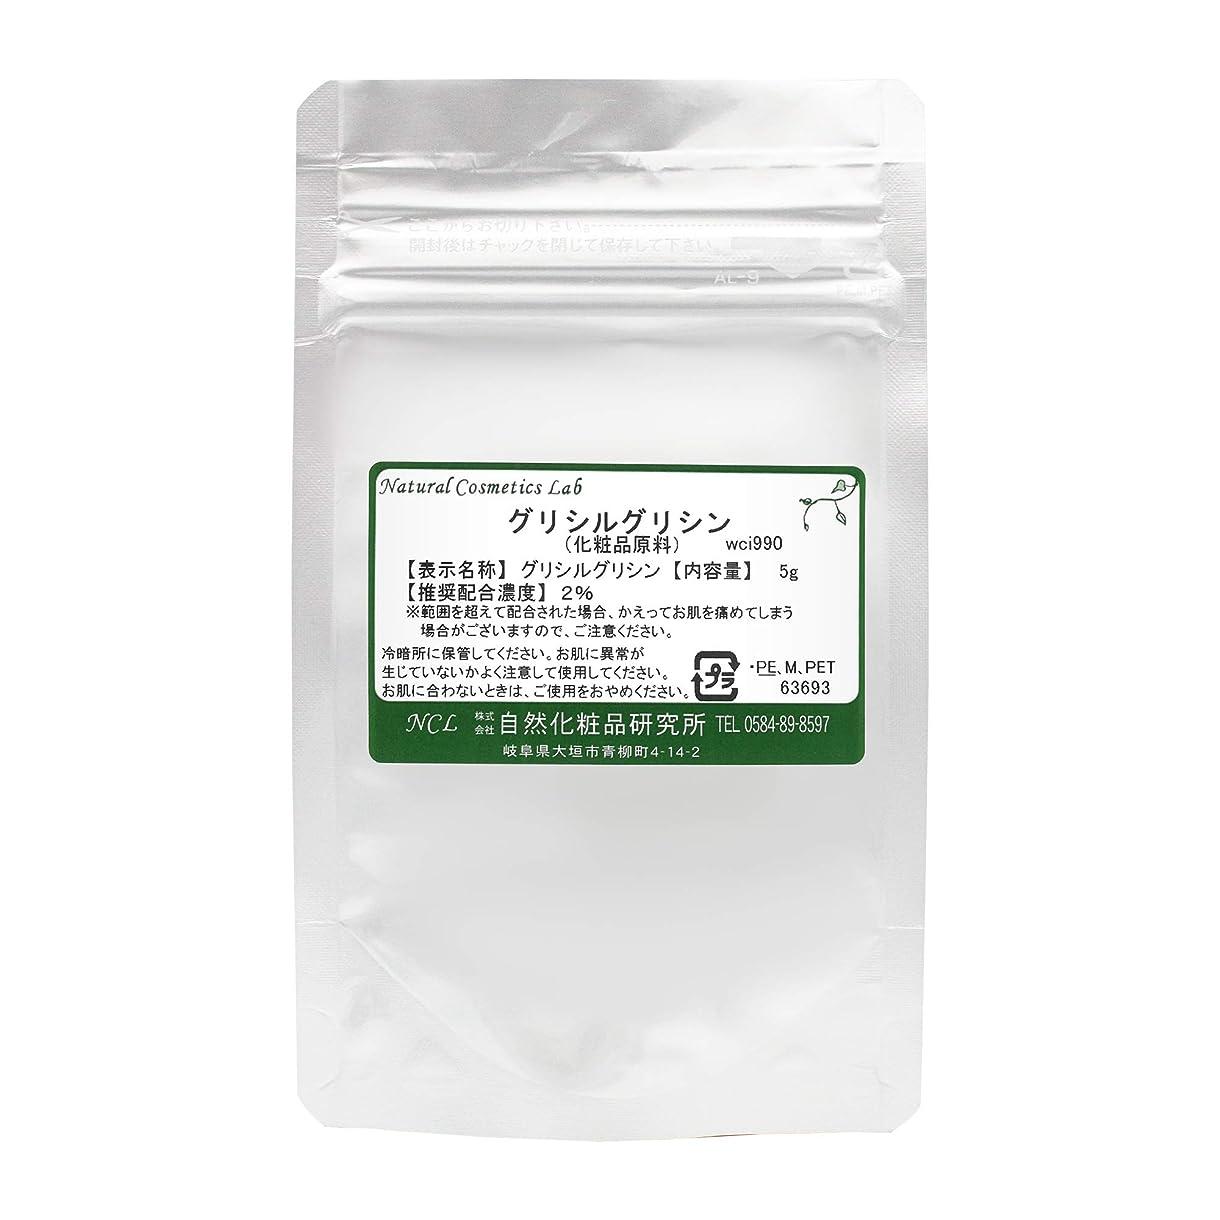 レーダーレッドデート合理化グリシルグリシン (GG) 化粧品原料 5g